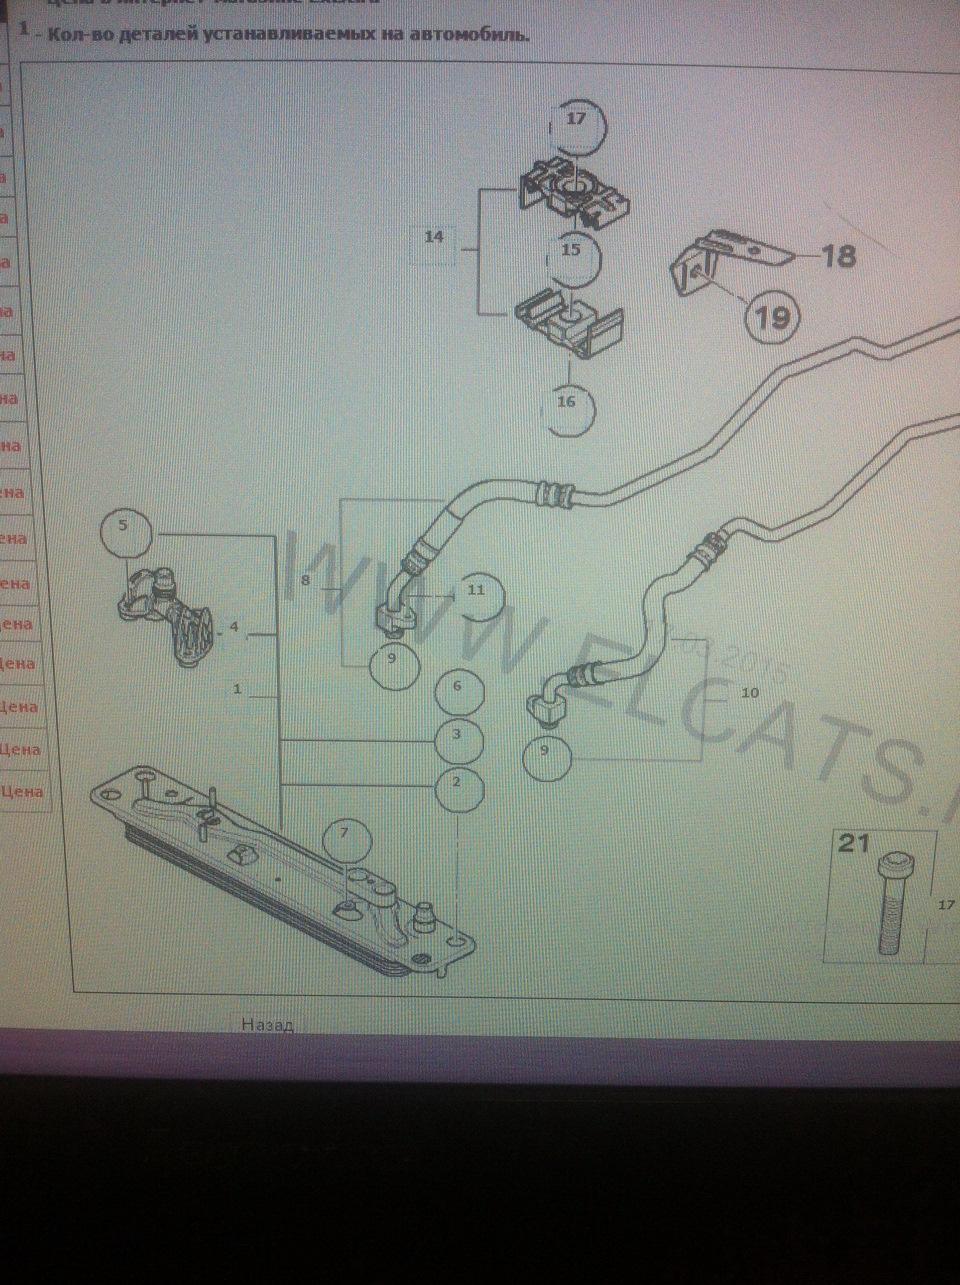 схема системы охлаждения двигателя бмв х5 3.0